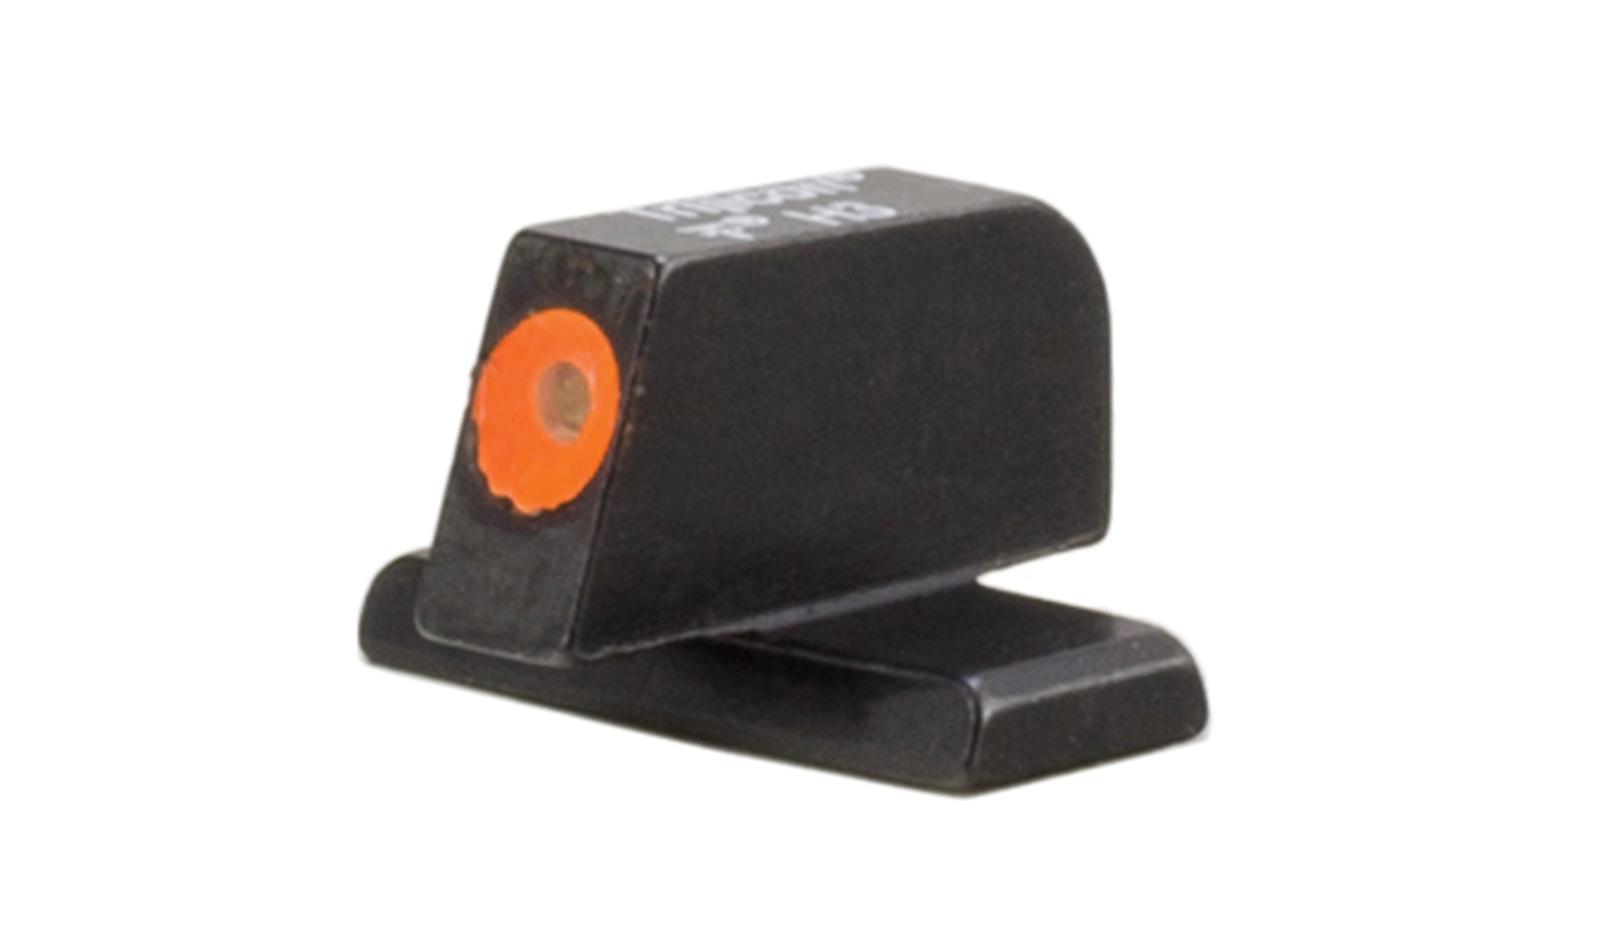 SP601-C-600873 angle 1